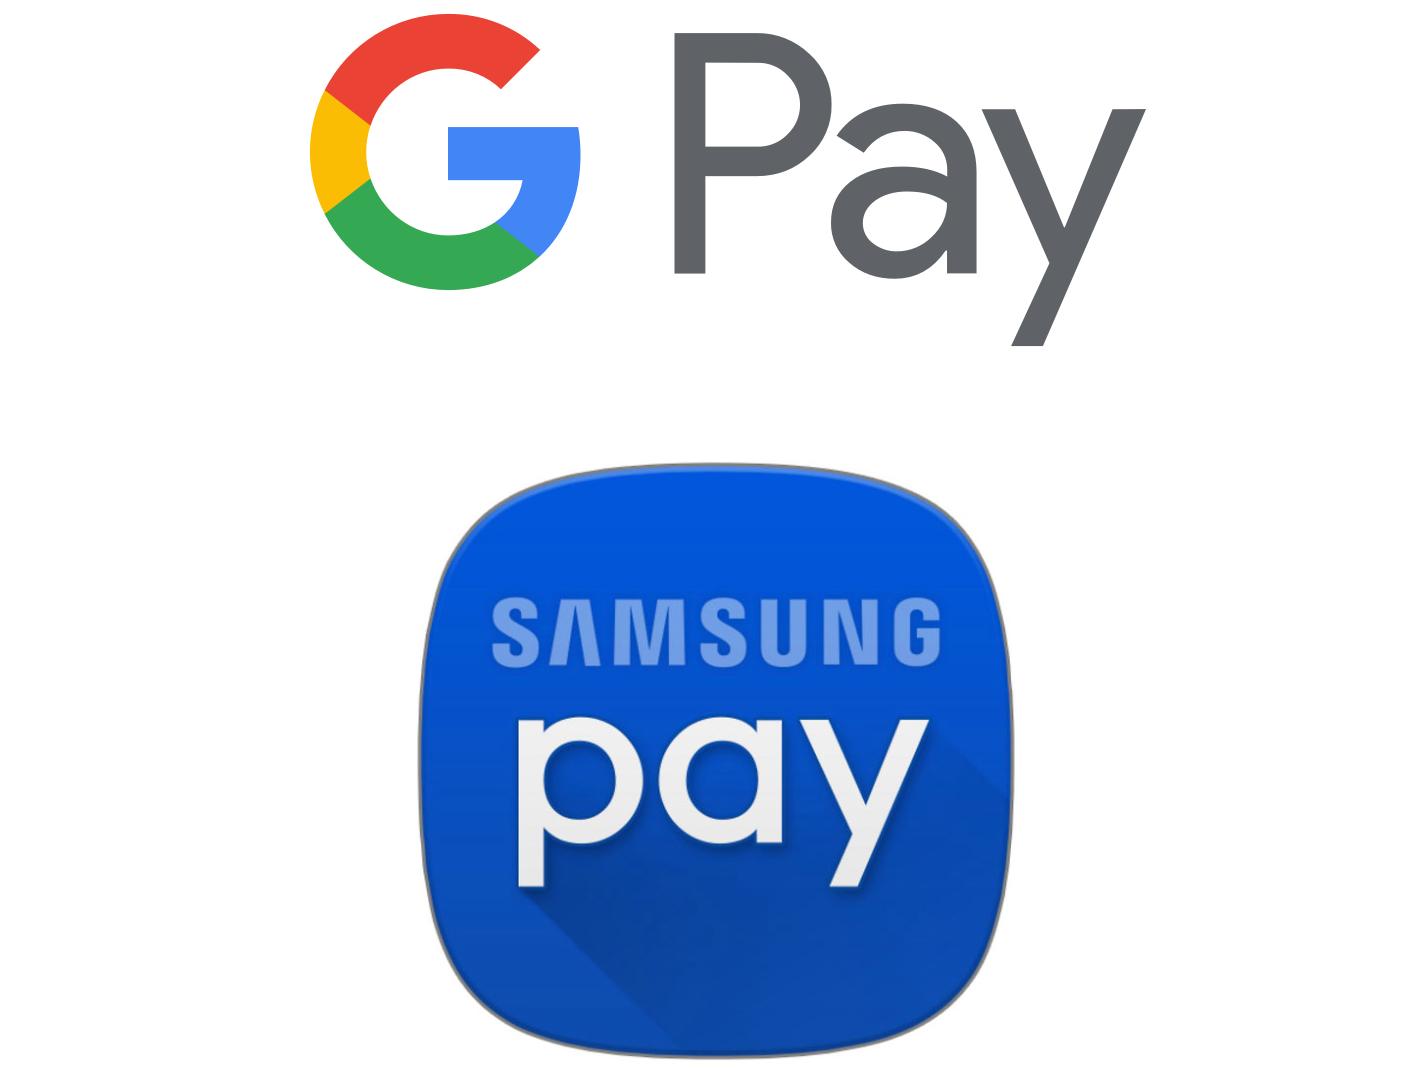 chto luchshe samsung pay ili google pay